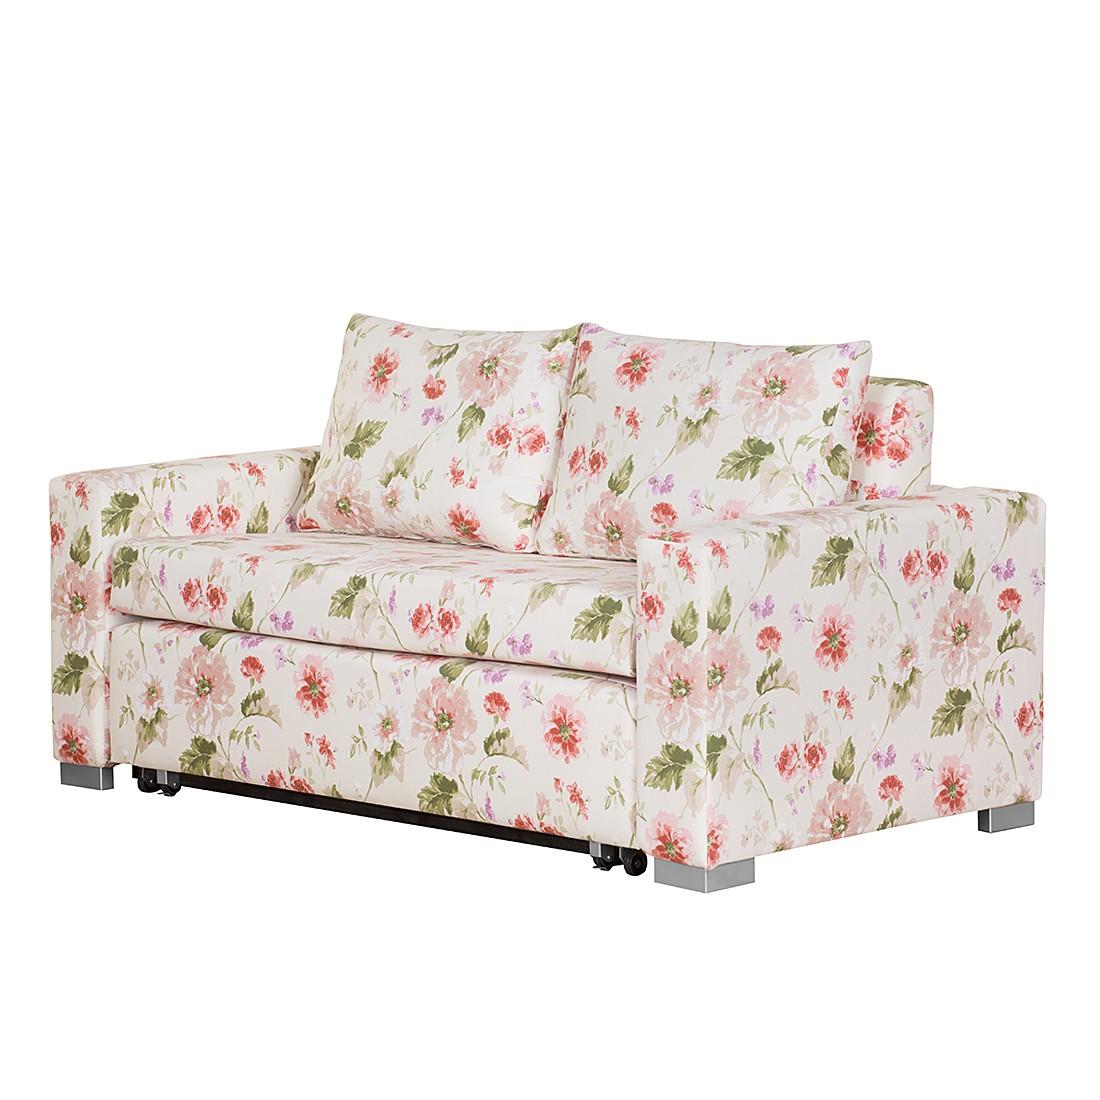 Schlafsofa Latina – Webstoff Beige/Pink geblümt, Breite: 185 cm, roomscape günstig kaufen